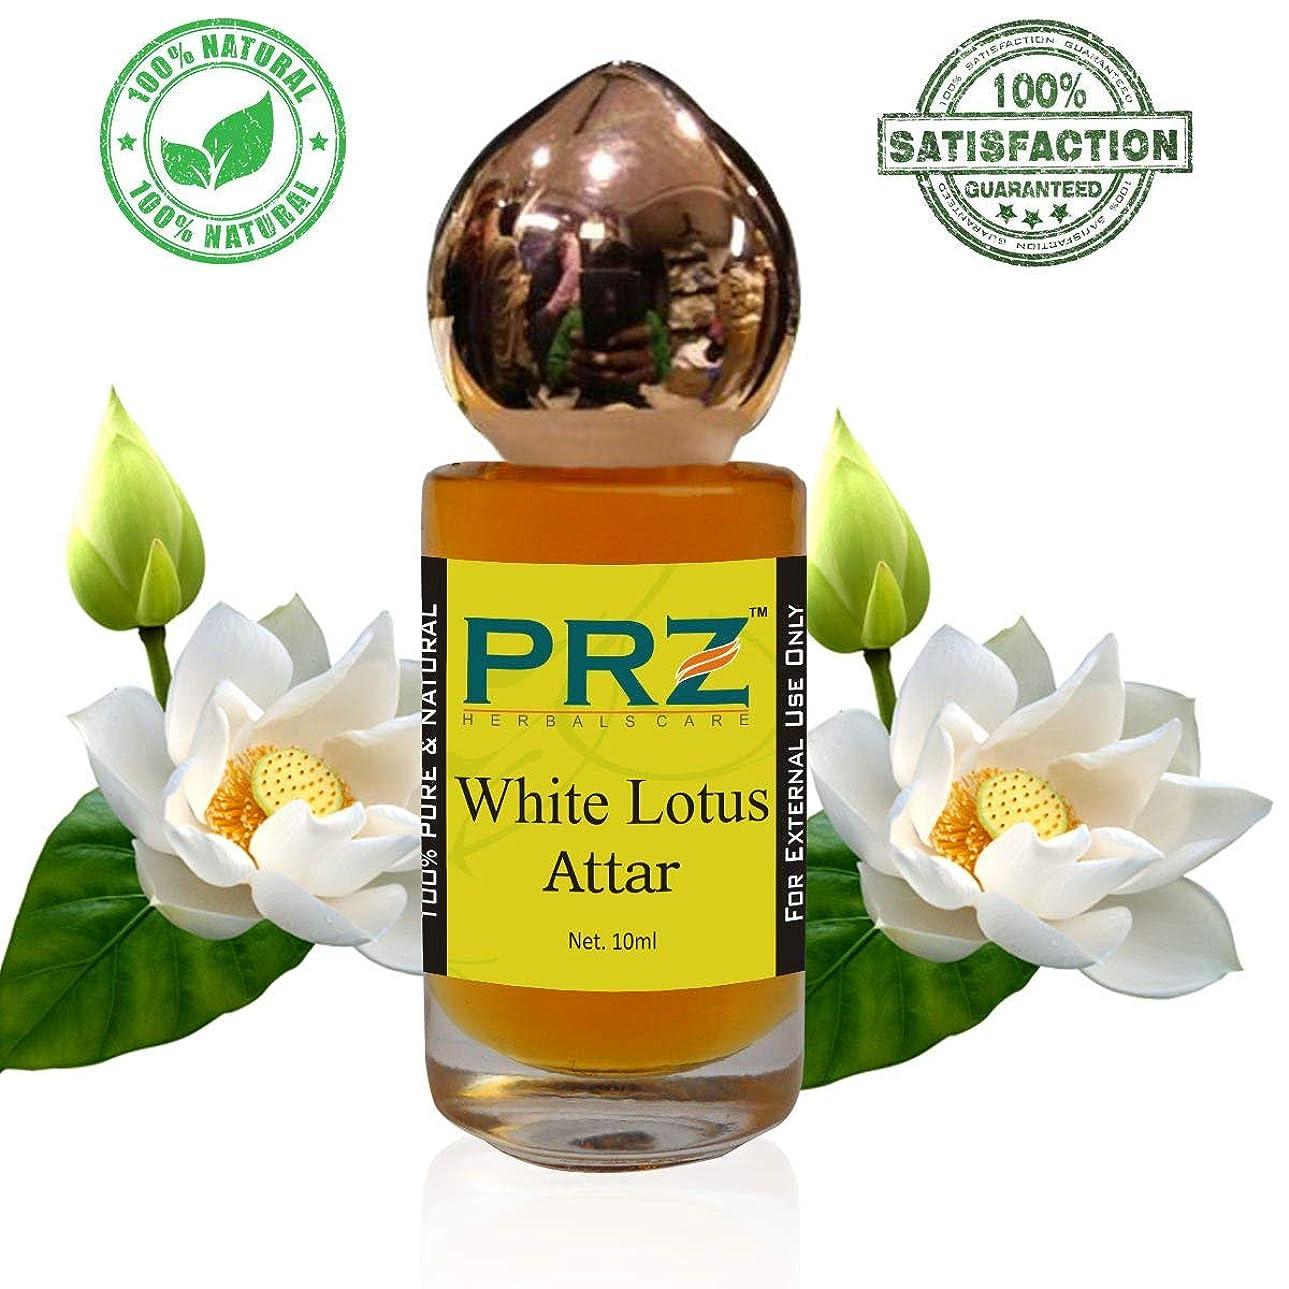 サイズハーブ醜いユニセックスのためにホワイトロータスアターロールオン(10 ML) - ピュアナチュラルプレミアム品質の香水(ノンアルコール) アターITRA最高品質の香水は、長期的なアタースプレー